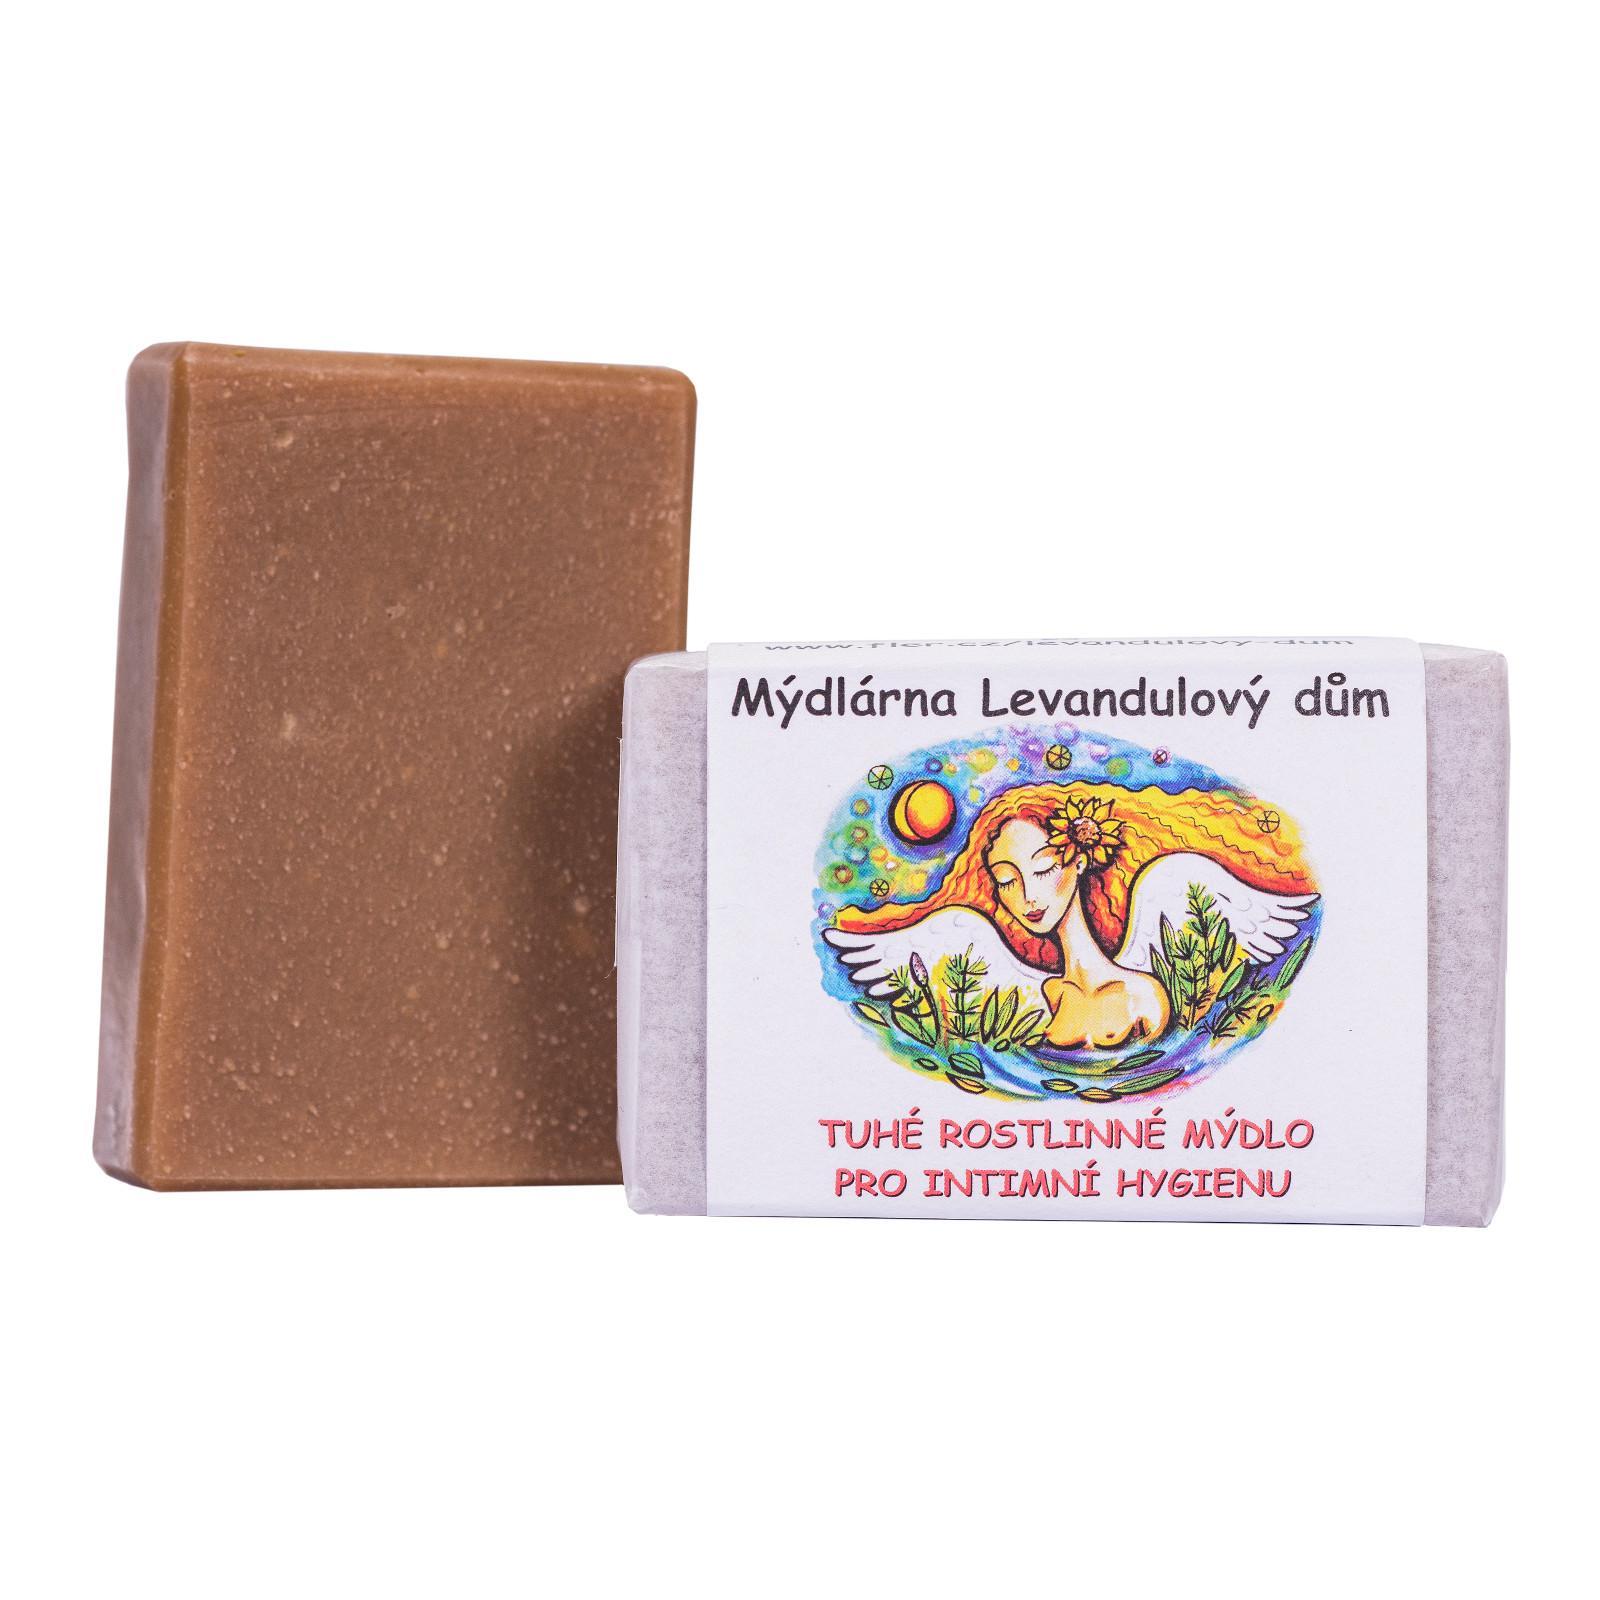 Mýdlárna Levandulový dům Mýdlo pro intimní hygienu 120 g